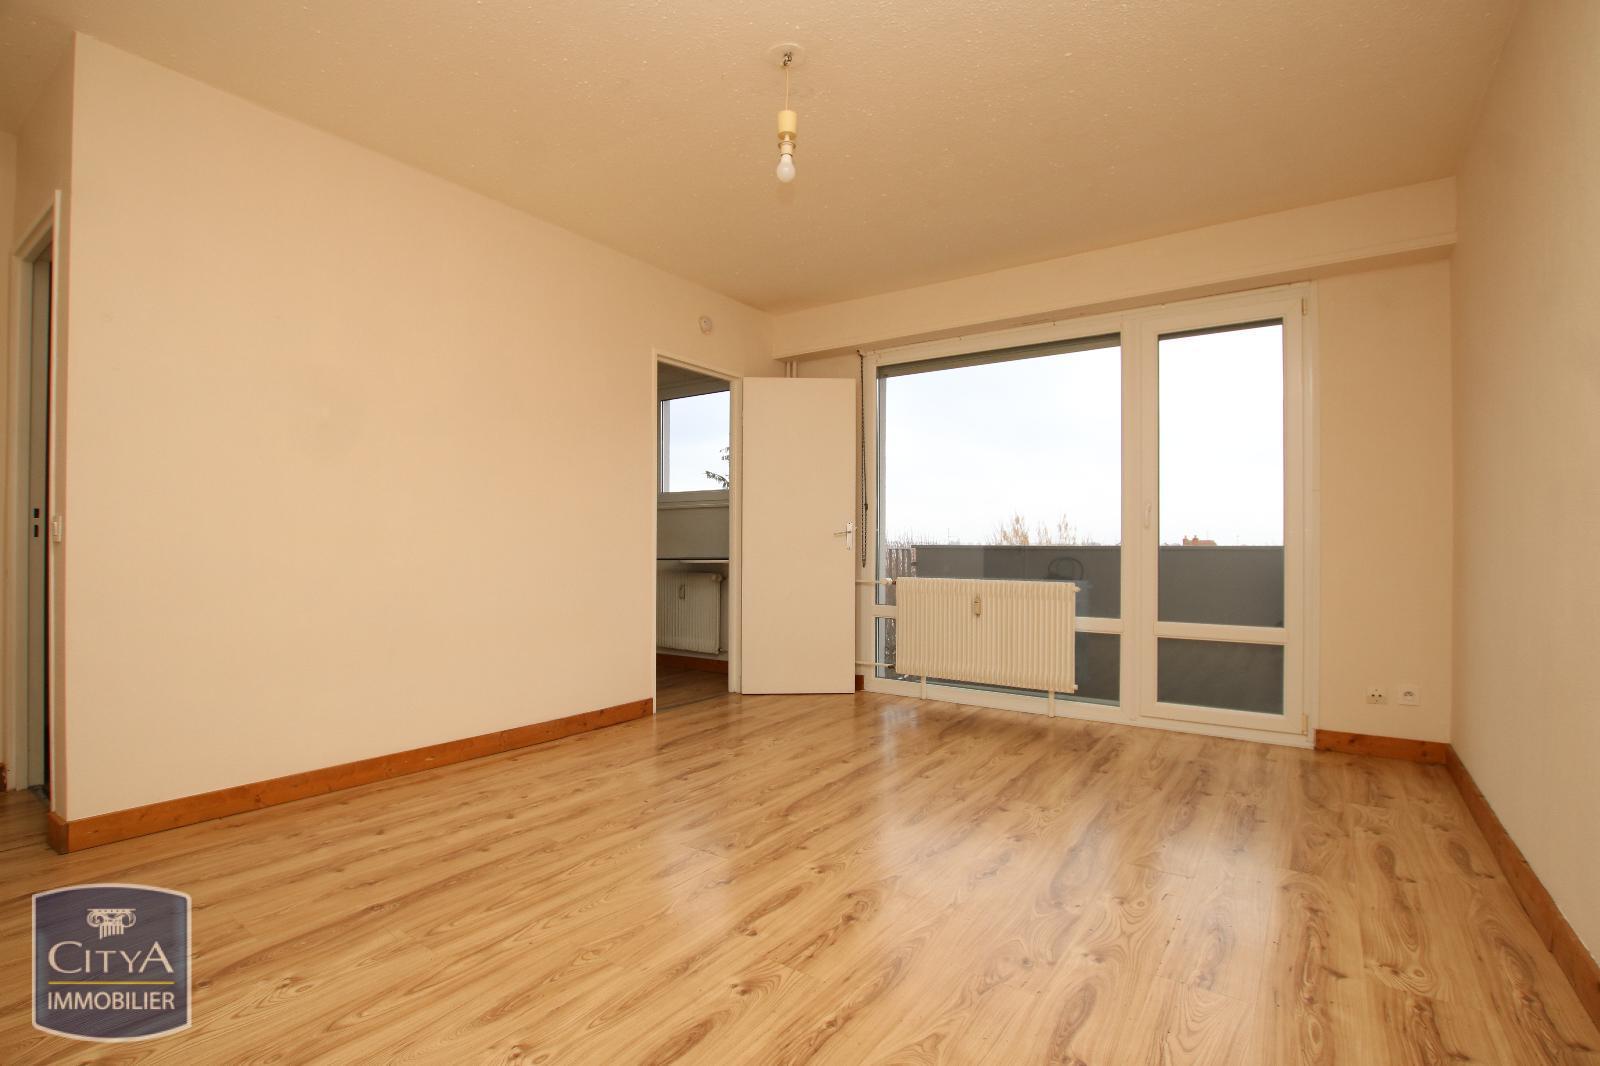 Appartement 1 pièces 25 m²